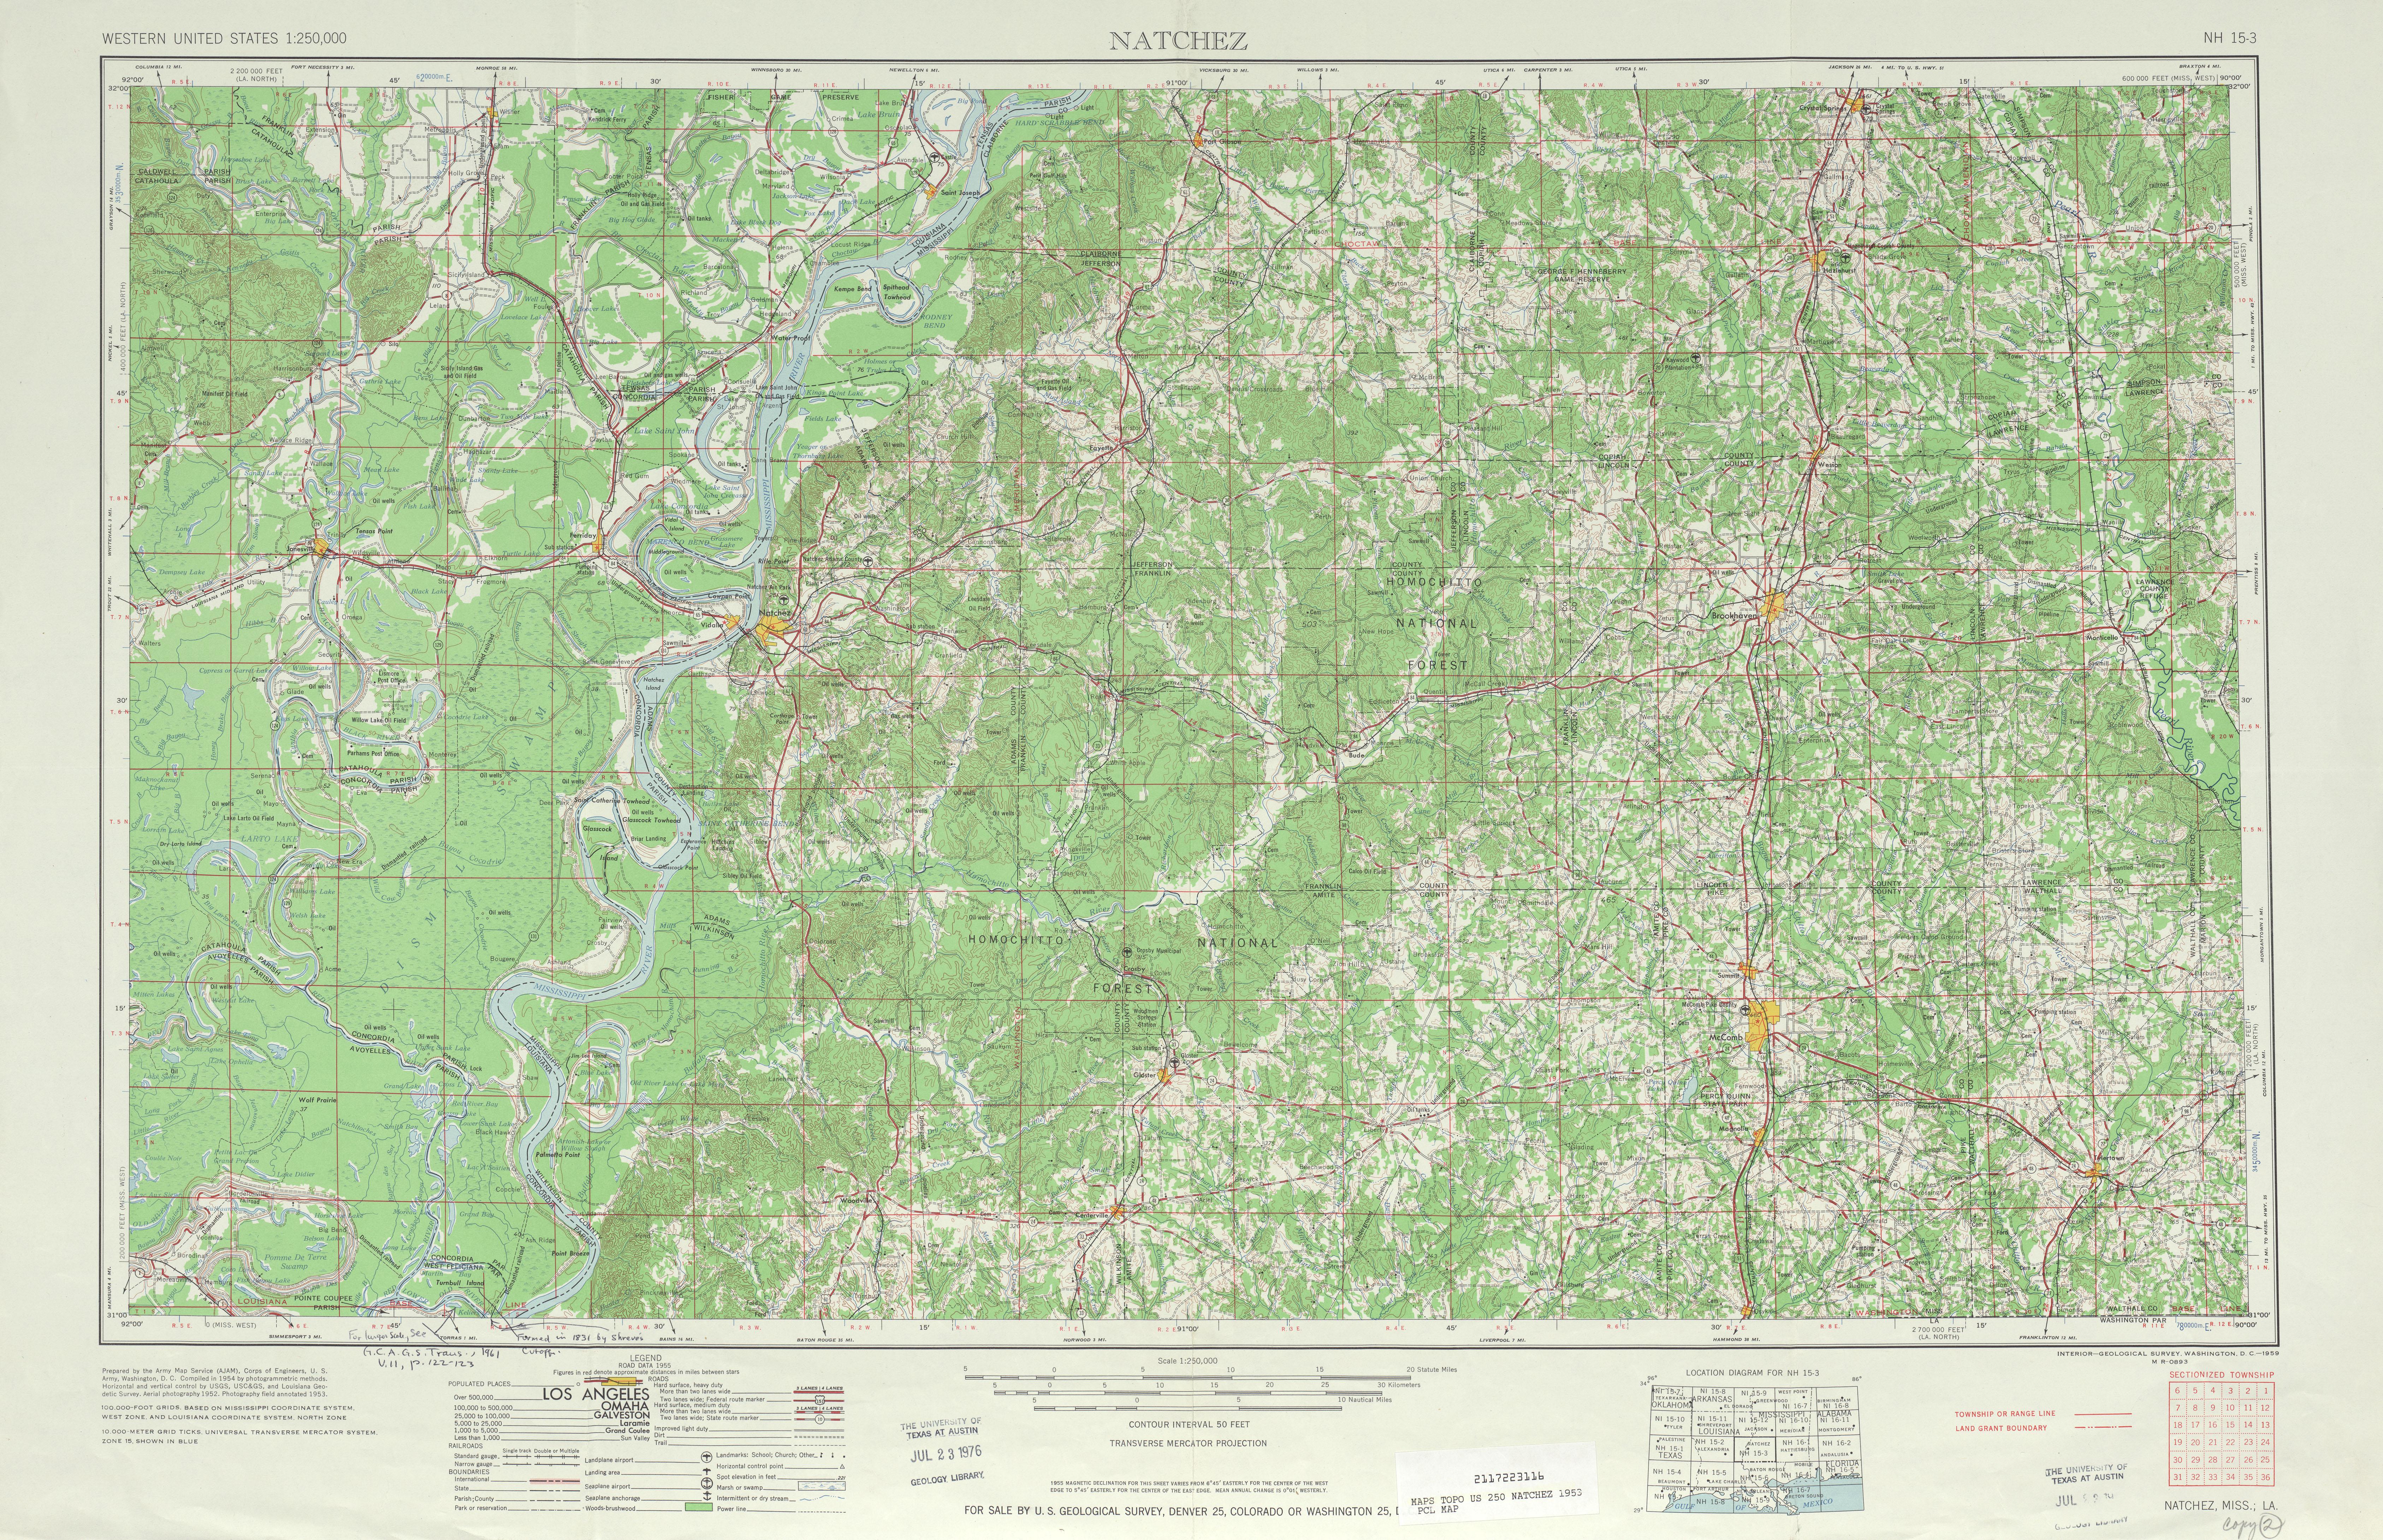 Hoja Natchez del Mapa Topográfico de los Estados Unidos 1953